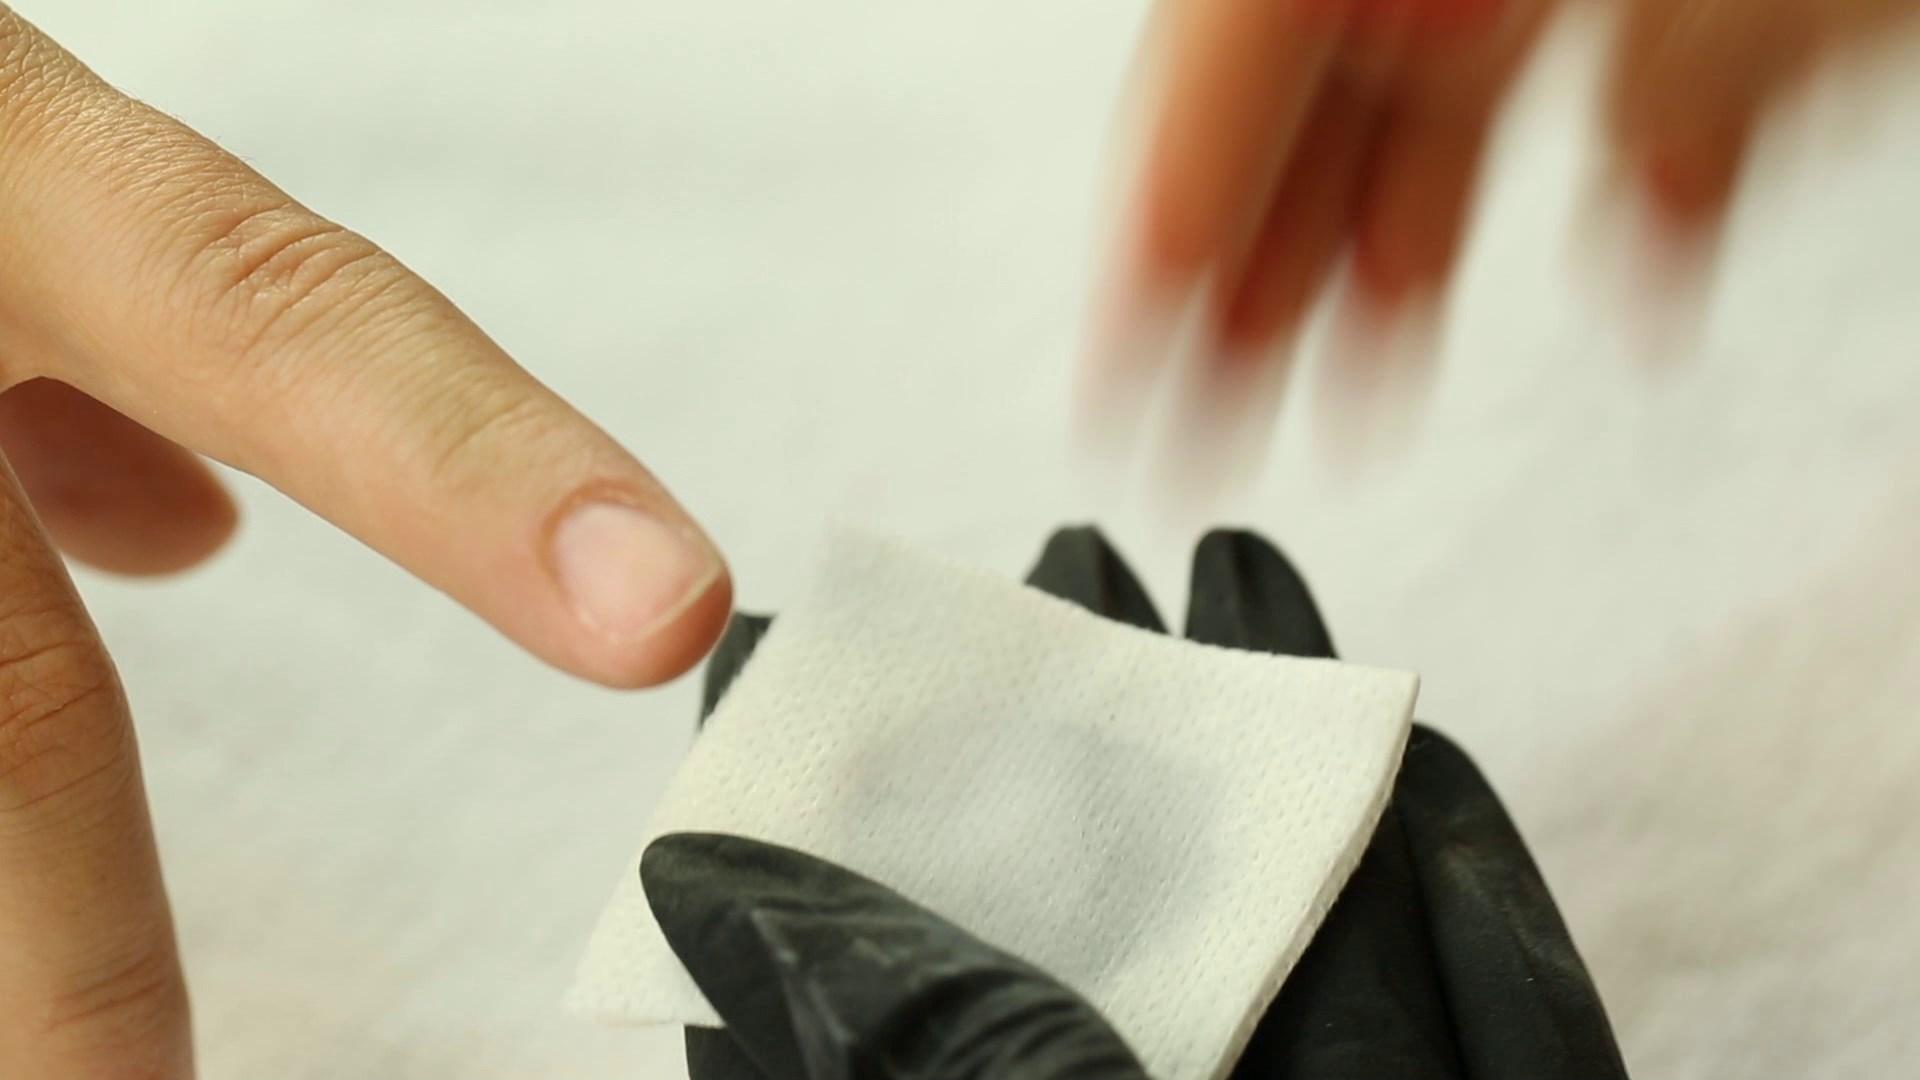 Técnica Oficial del esmaltado con el nuevo esmalte semipermanente 3 Step CrystaLac